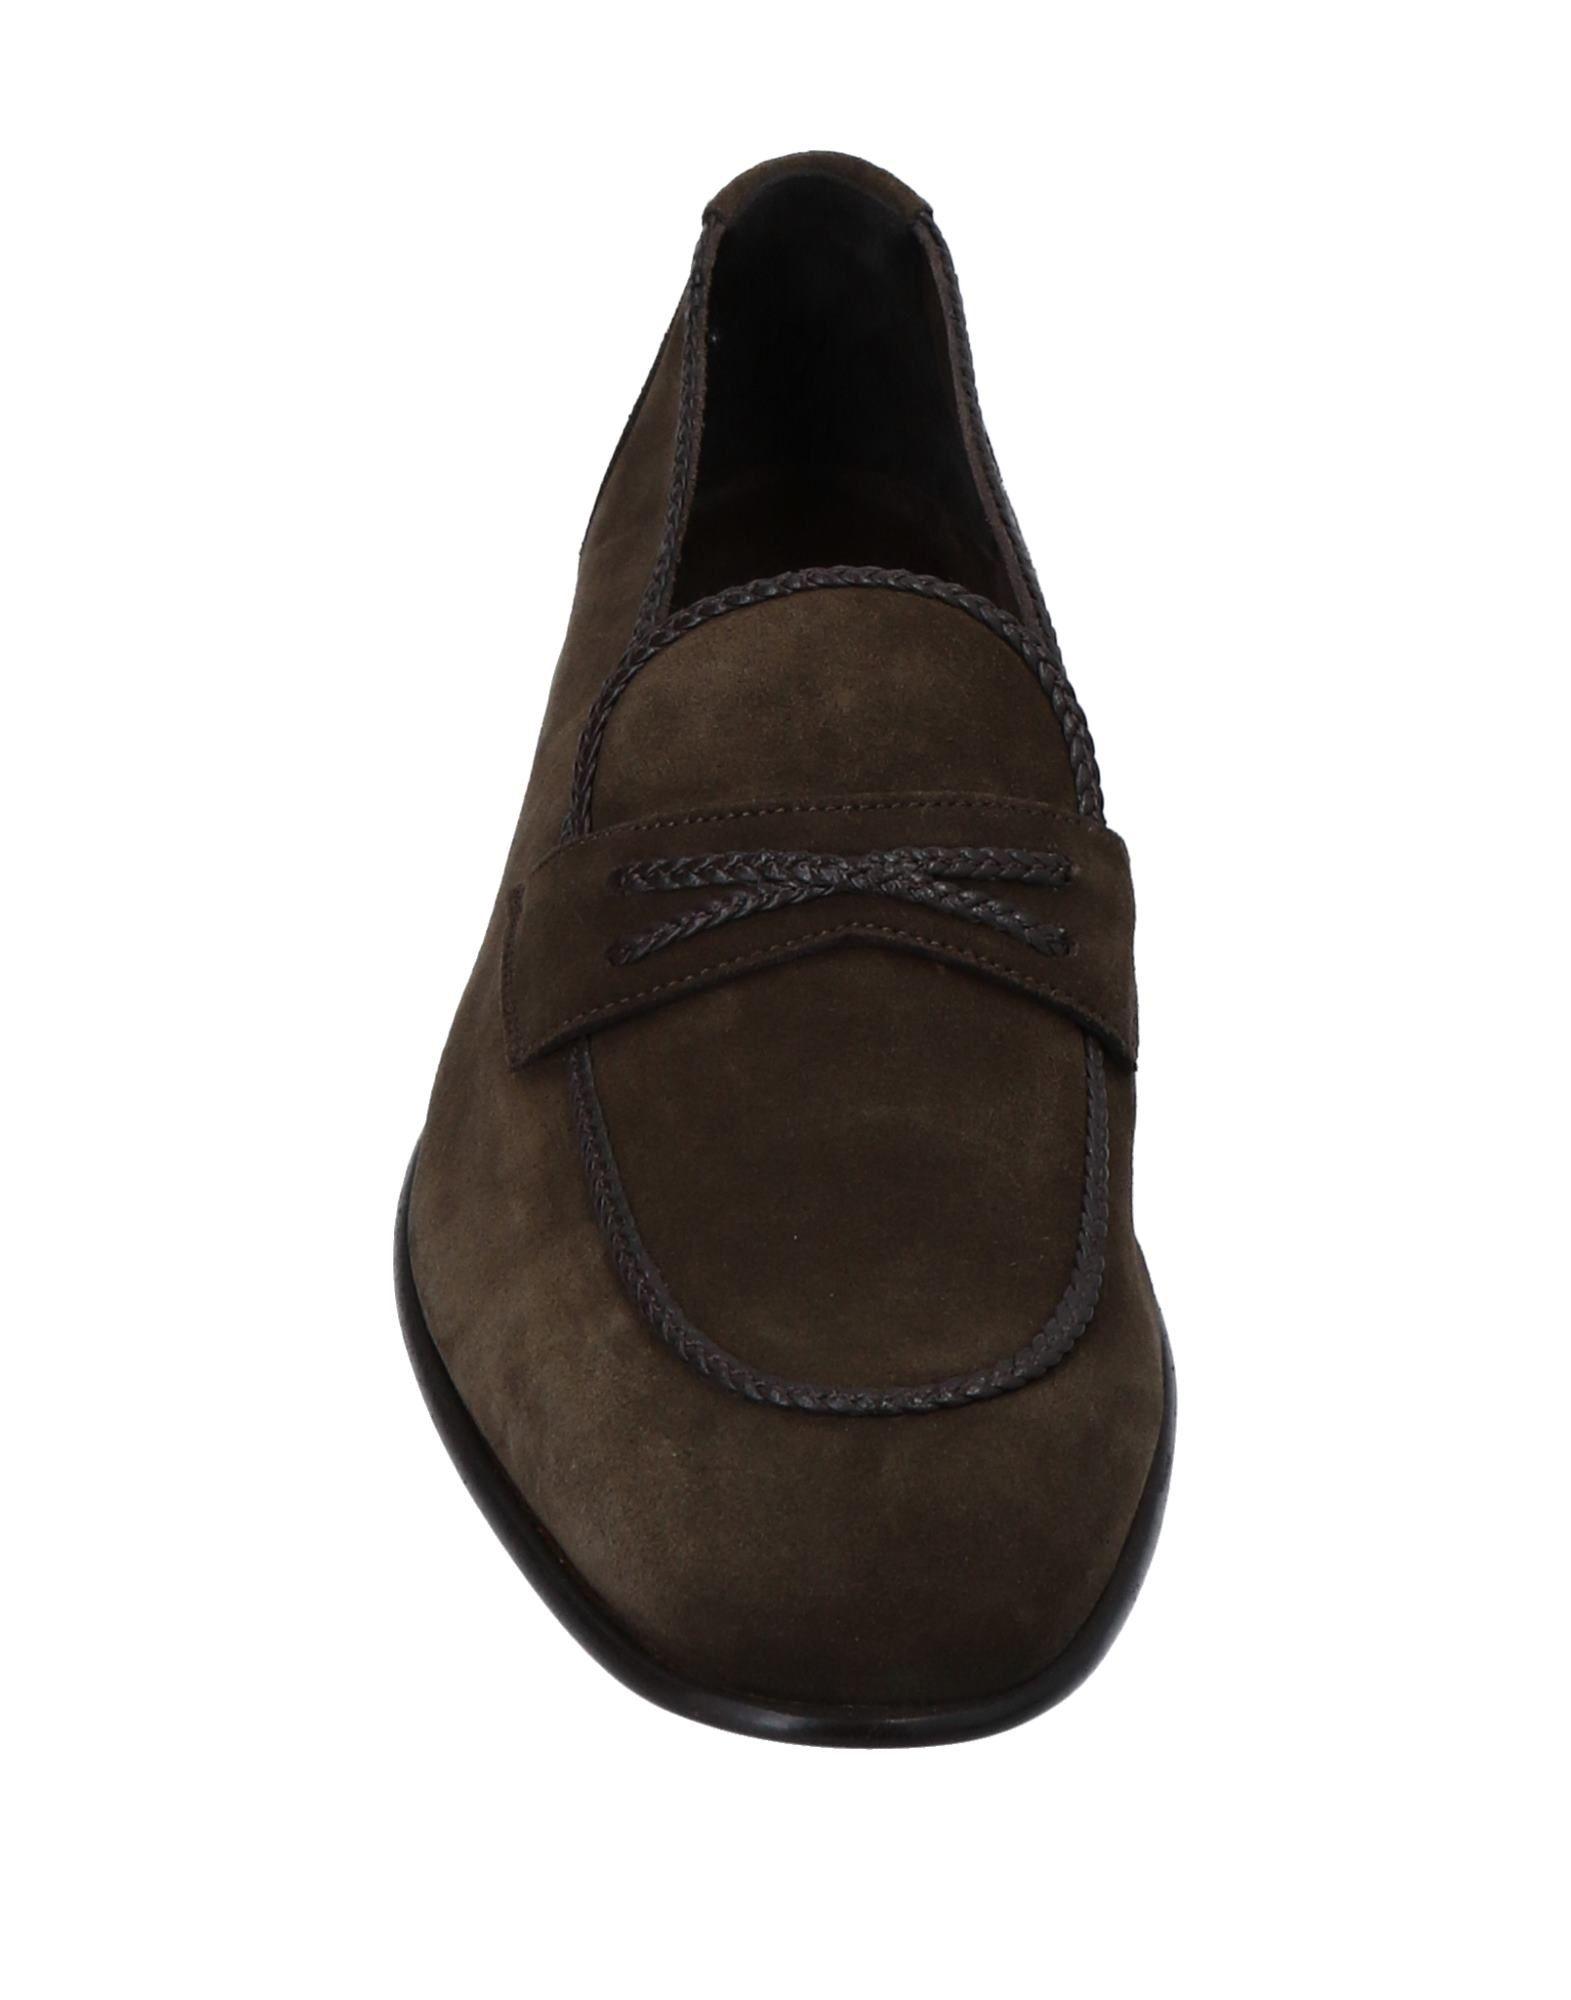 A.Testoni Mokassins Herren Qualität  11549925WW Gute Qualität Herren beliebte Schuhe 42c99f